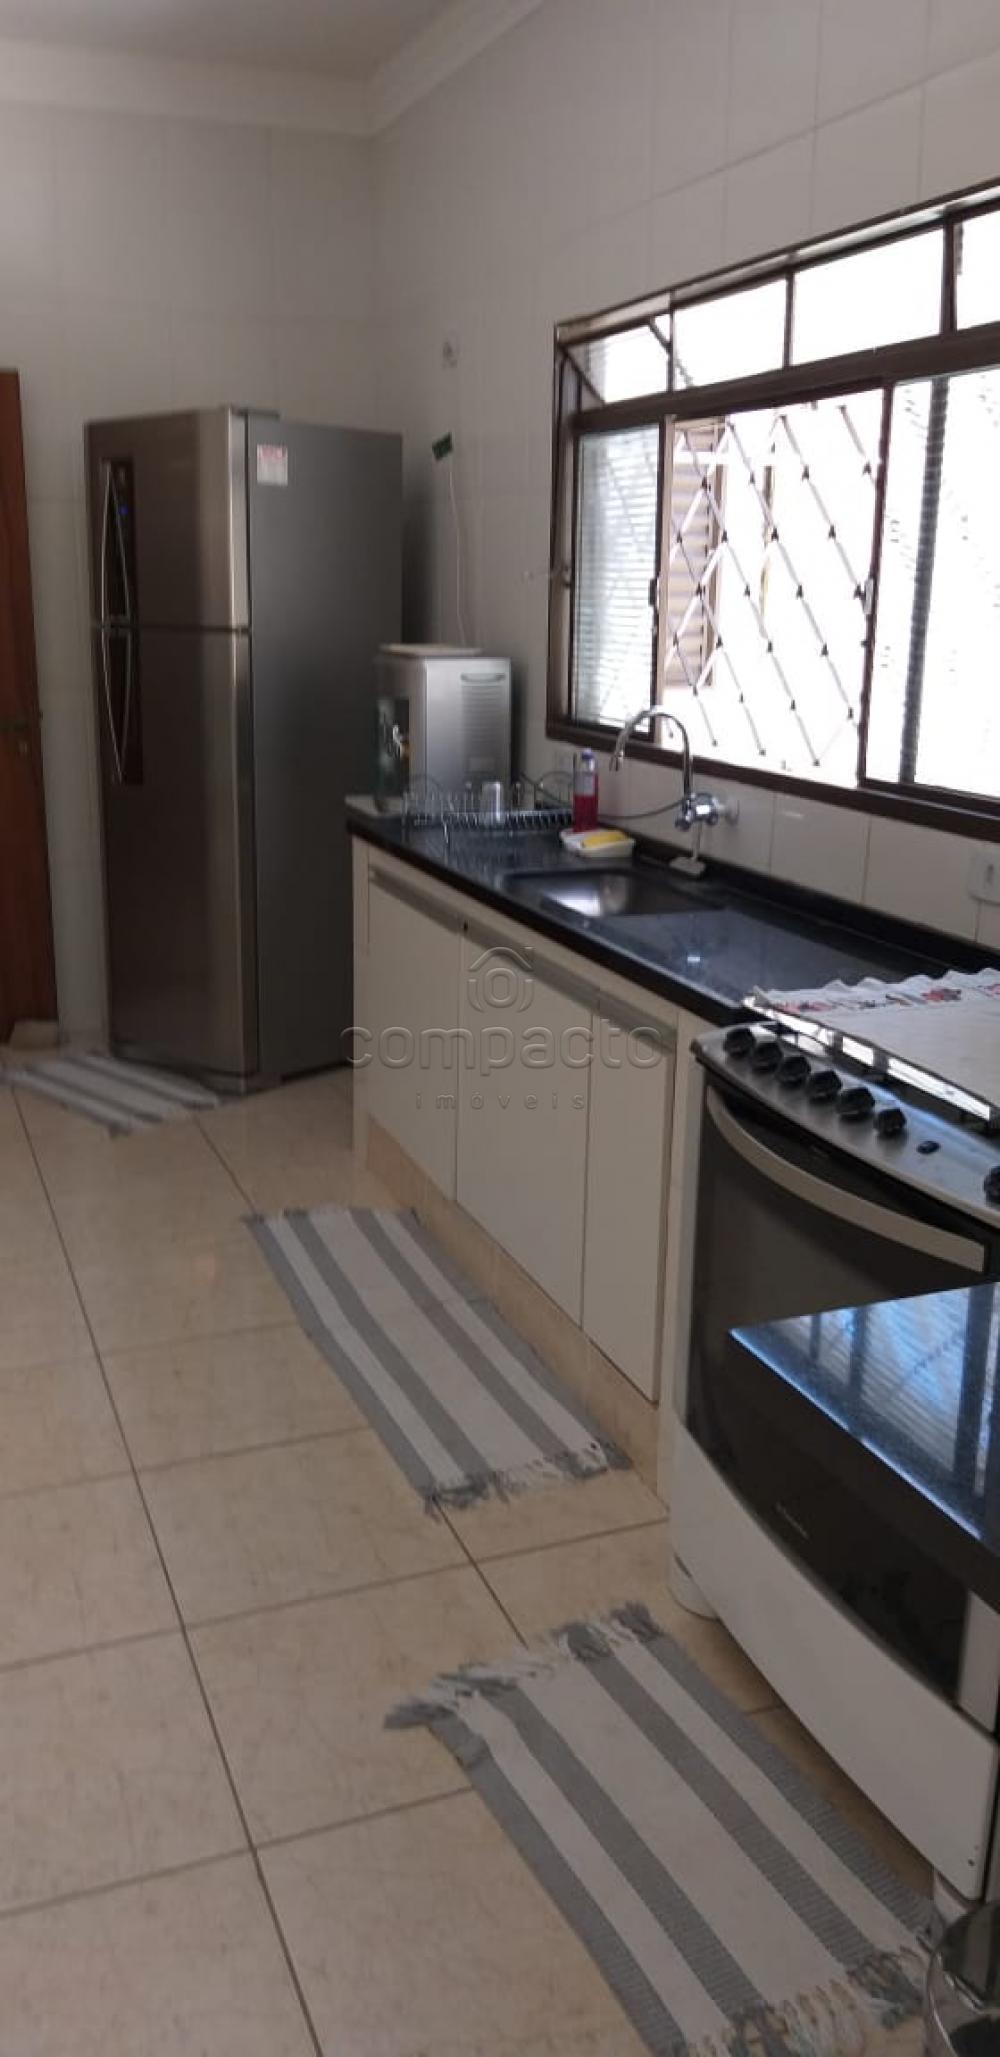 Comprar Casa / Padrão em São José do Rio Preto apenas R$ 420.000,00 - Foto 16